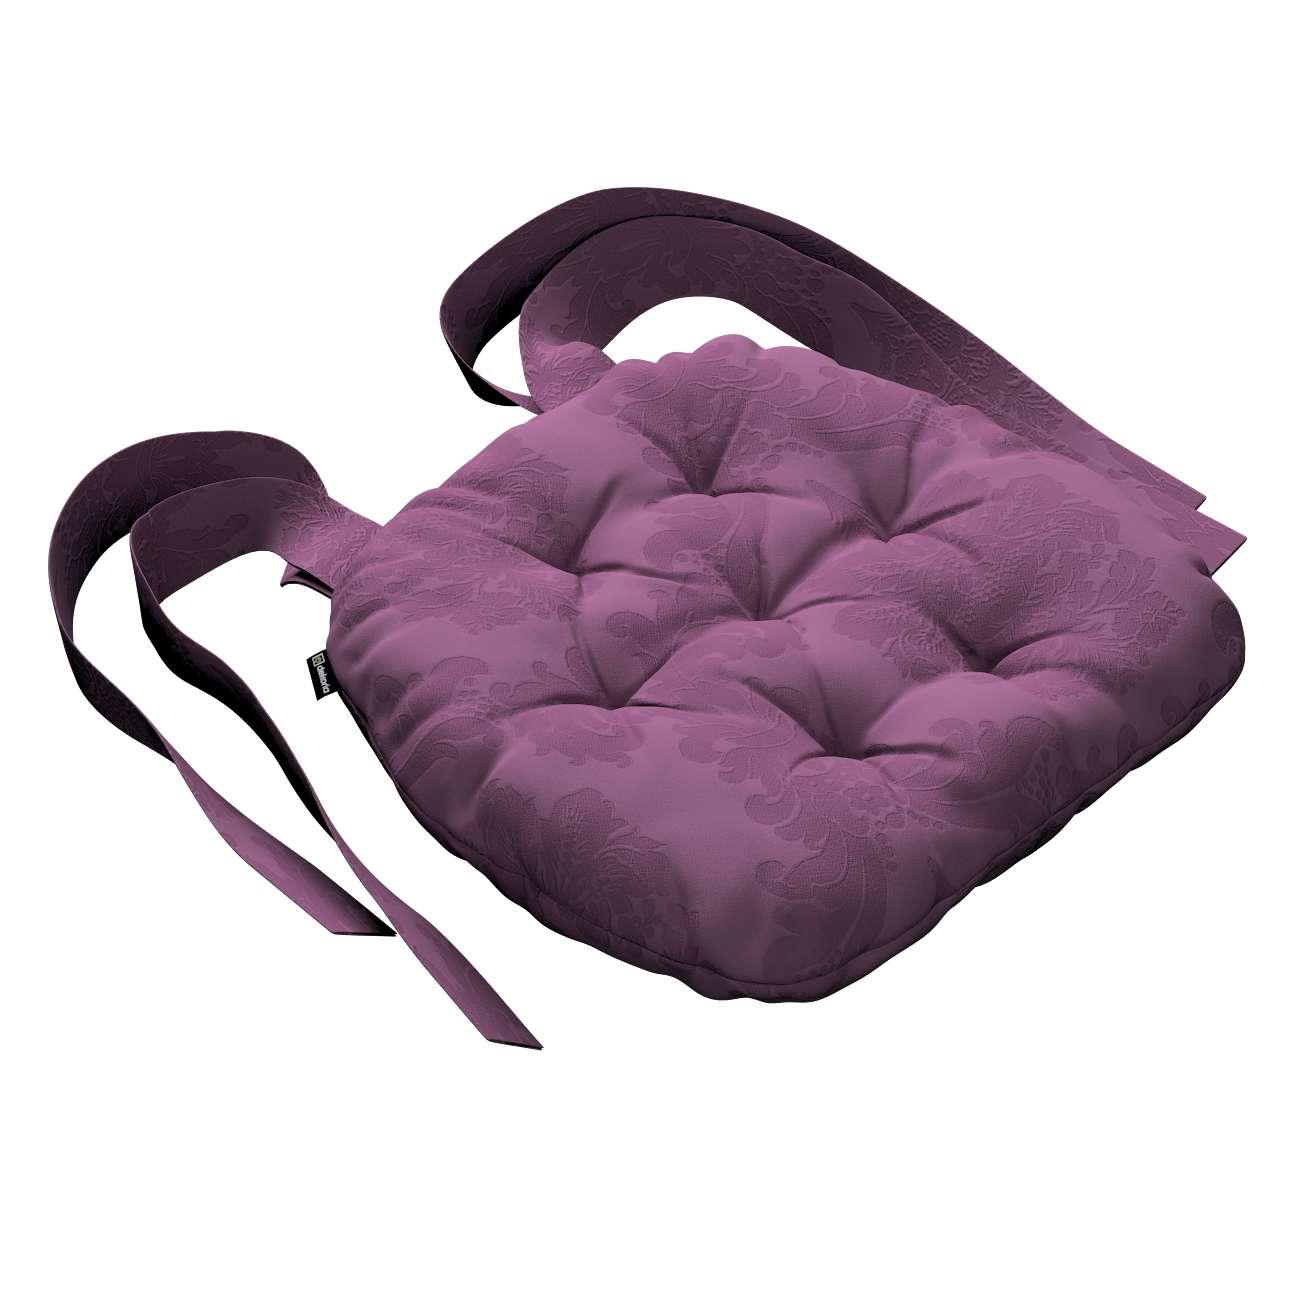 Kėdės pagalvėlė Marcin (apvaliais kraštais) 40 x 37 x 8 cm kolekcijoje Damasco, audinys: 613-75